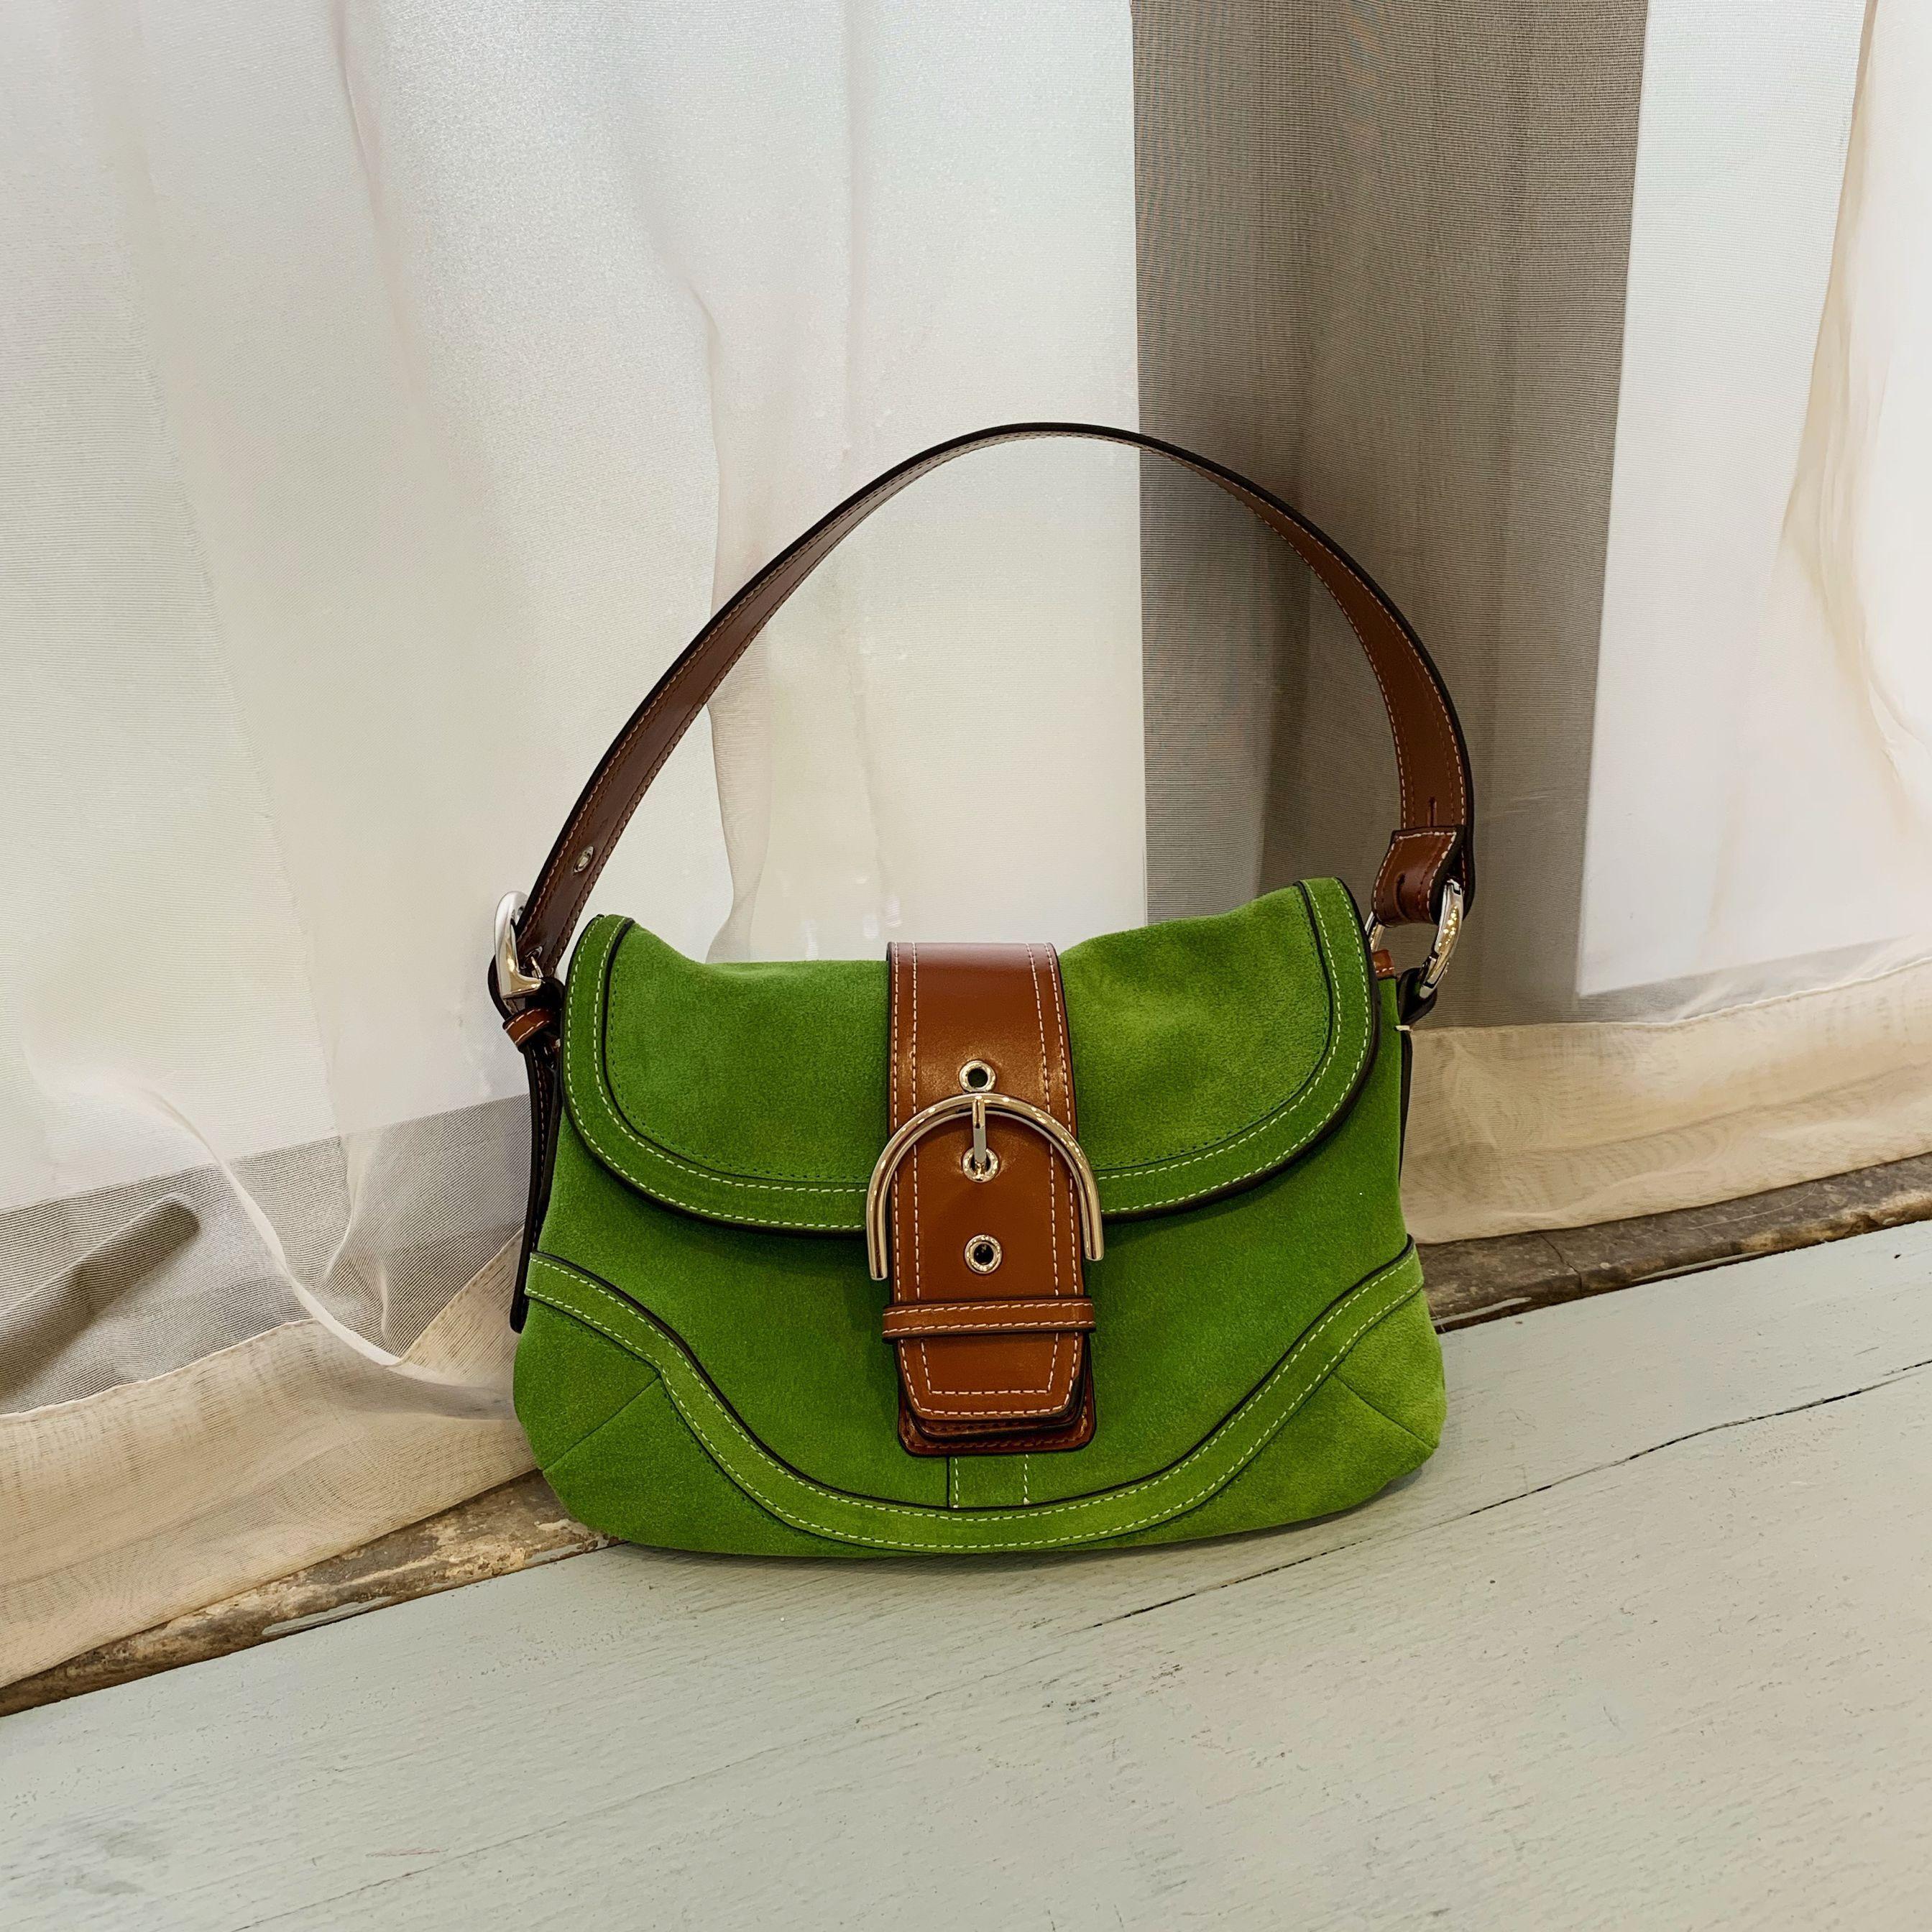 绿色复古包 2020新款网红同款腋下包单肩包单肩手提包复古真皮绿色法棍包女_推荐淘宝好看的绿色复古包